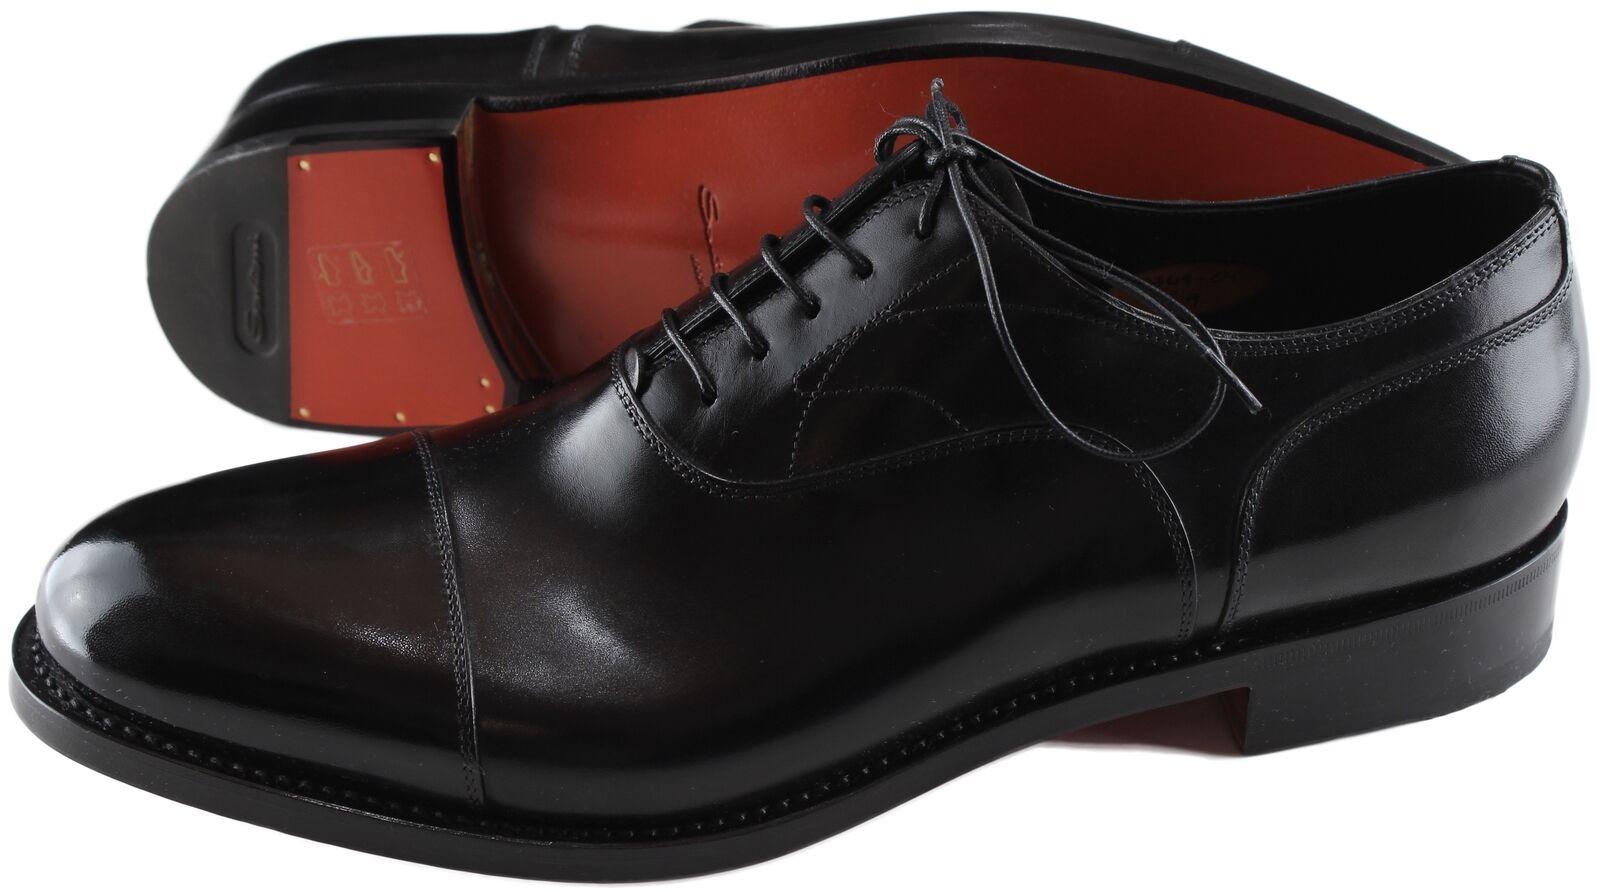 860217cc73579 NWB SANTONI OXFORD GOODYEAR schuhe schwarz crafted UK 11 11 11 3ab96a